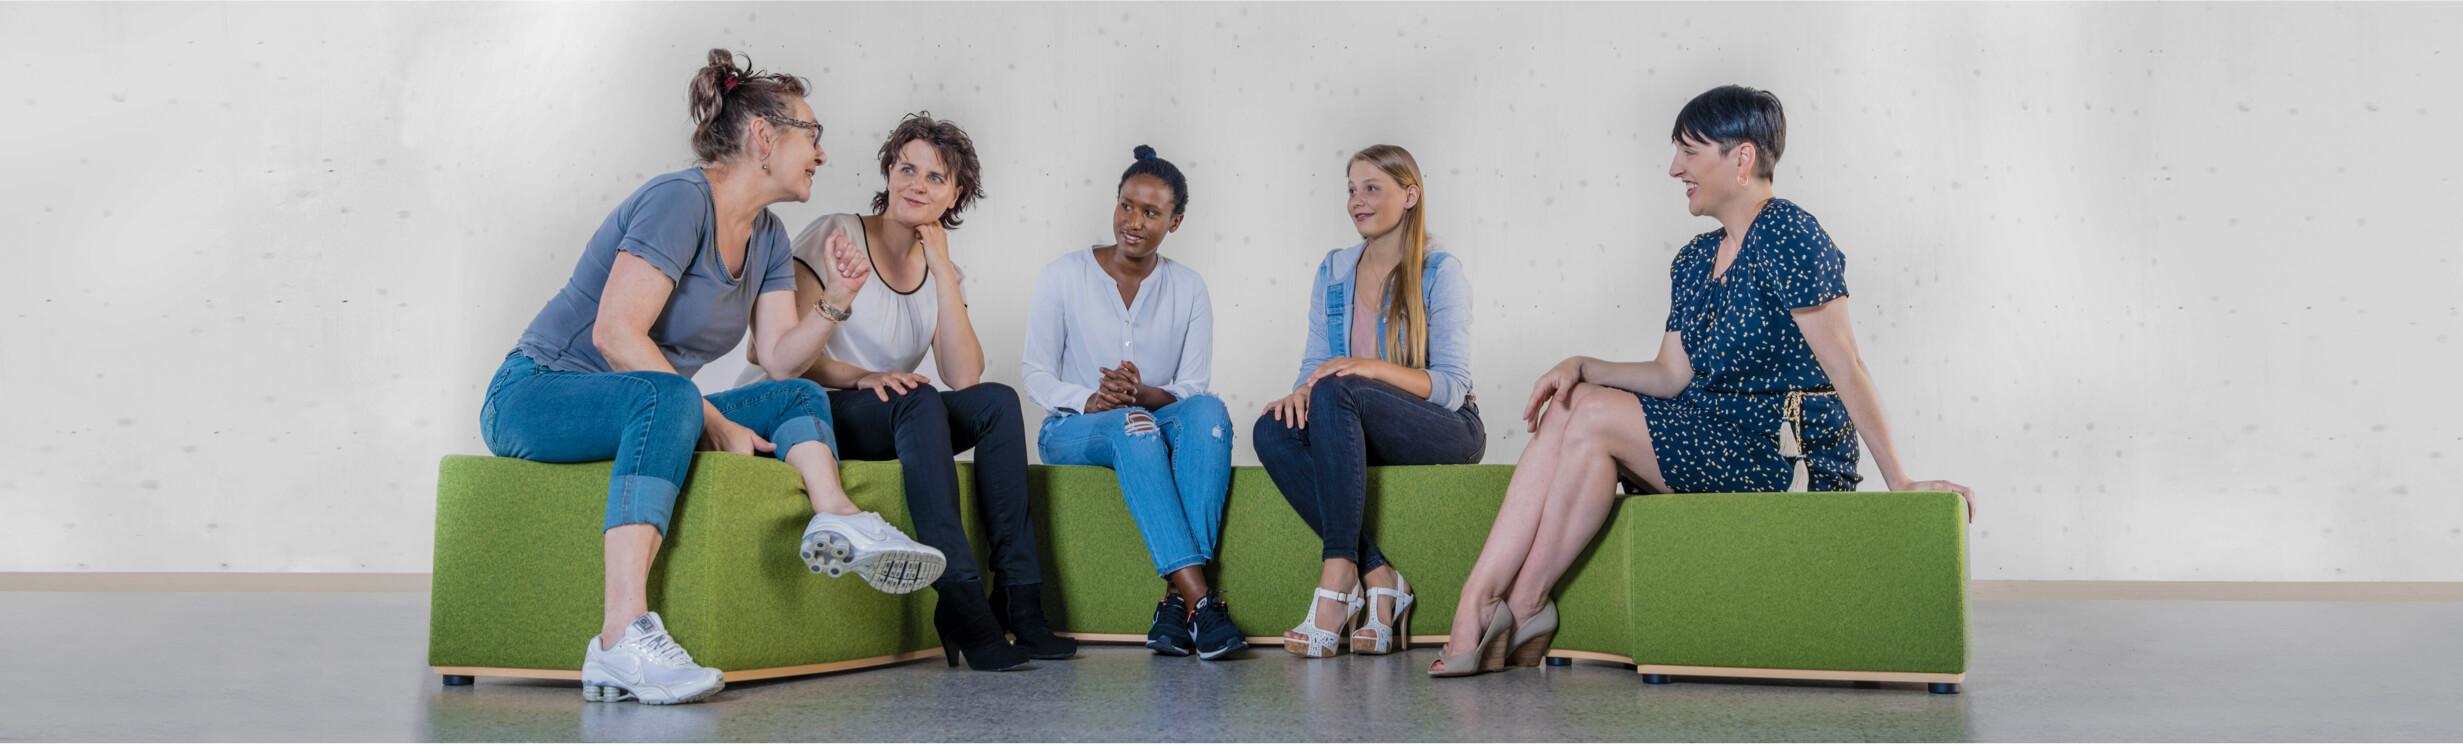 Fuenf Frauen sitzen im Halbkreis und unterhalten sich